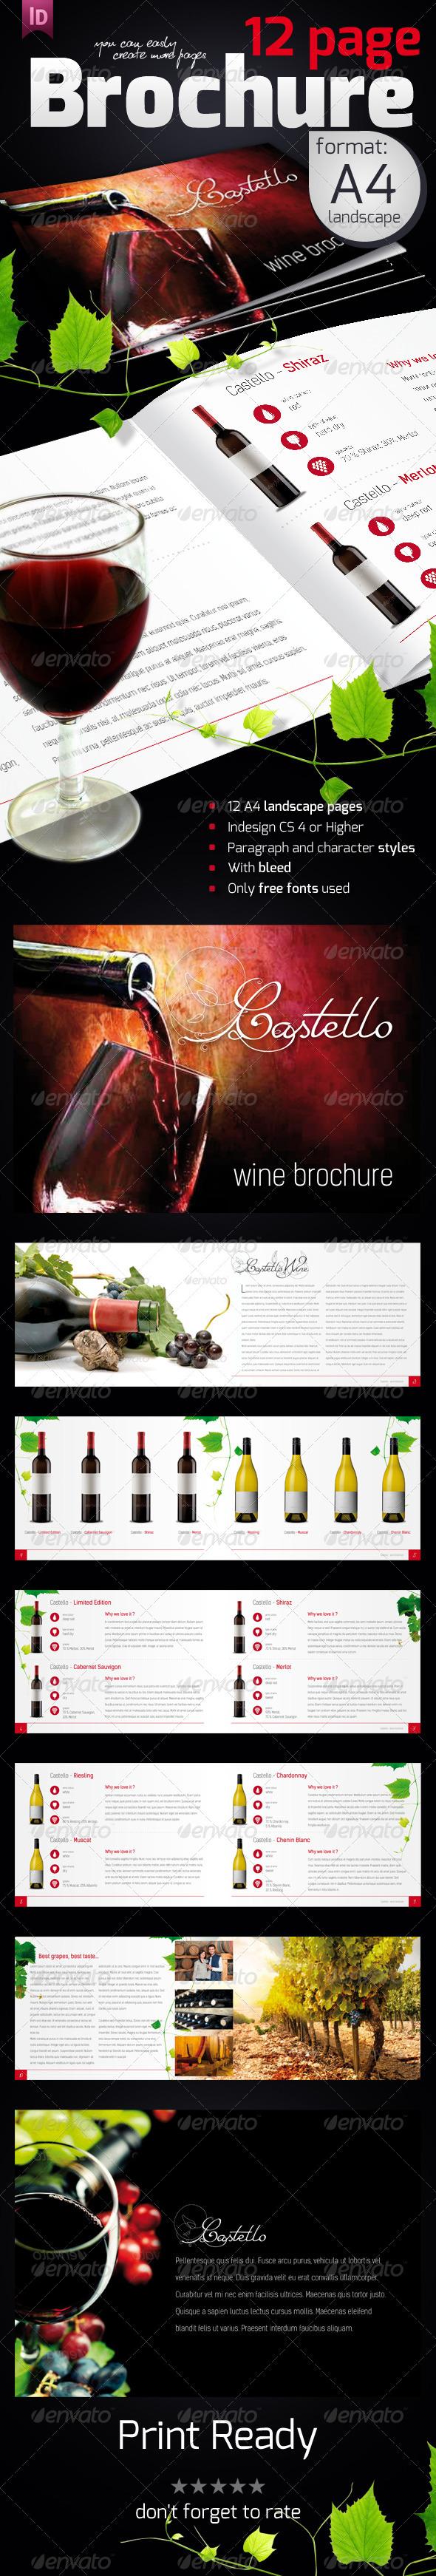 Wine Brochure  - Brochures Print Templates